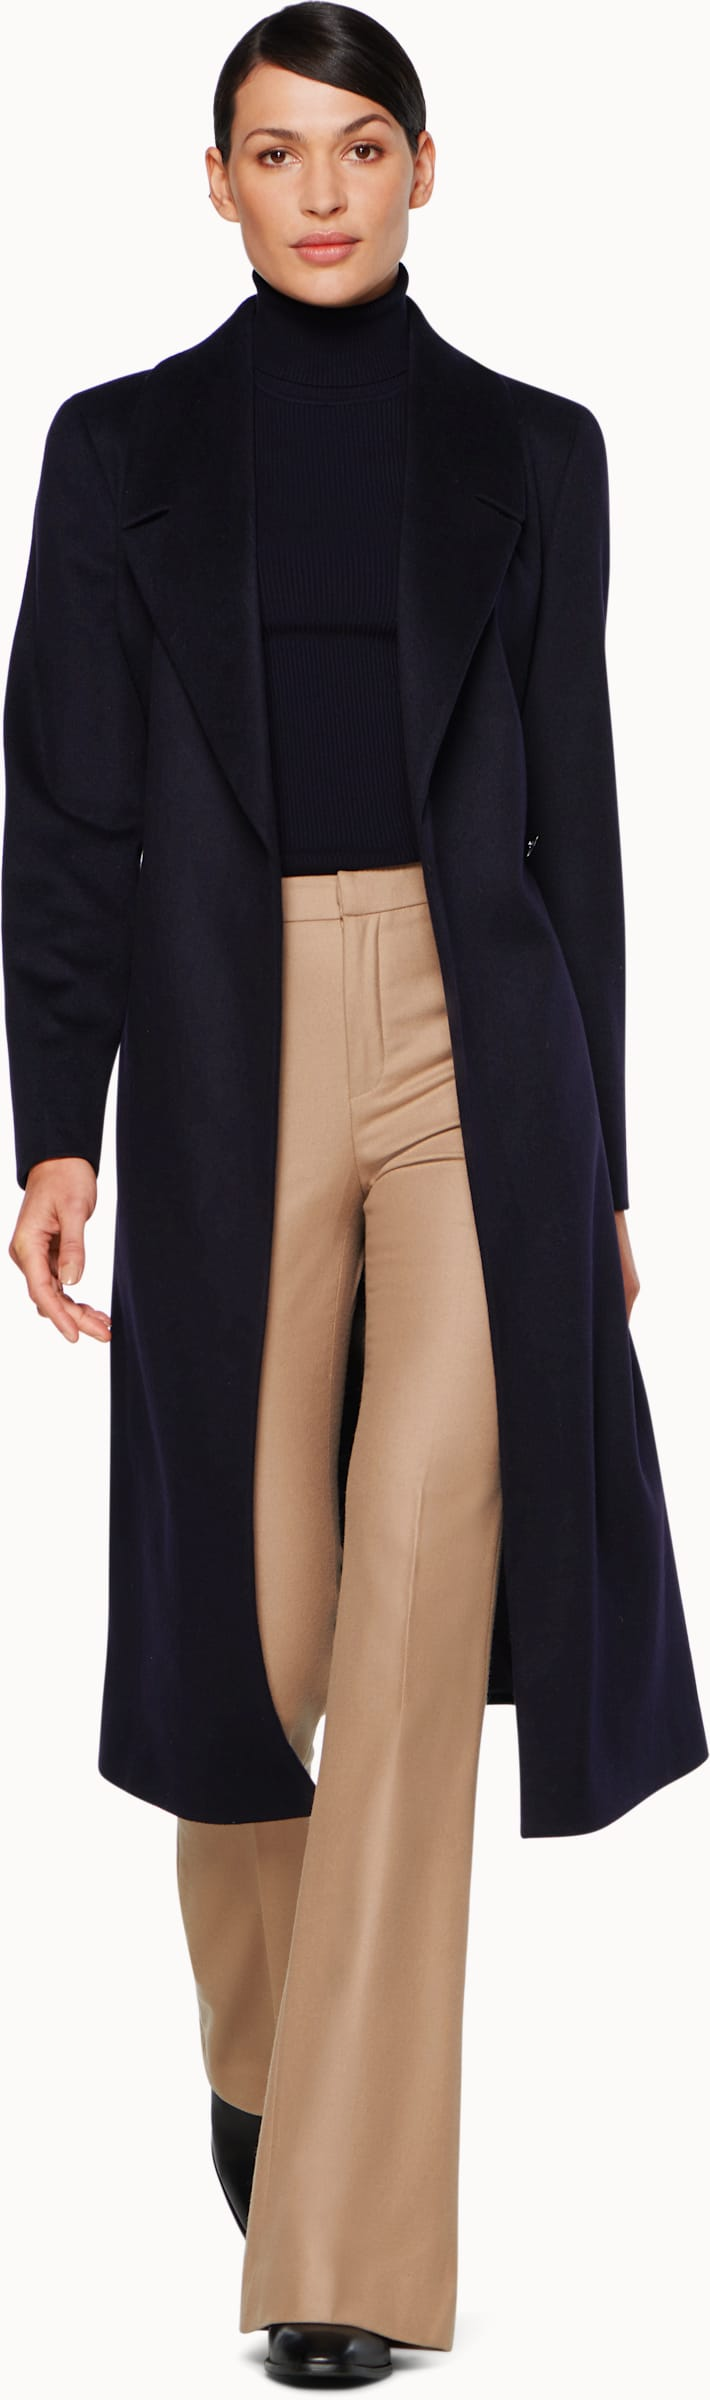 Navy Overcoat